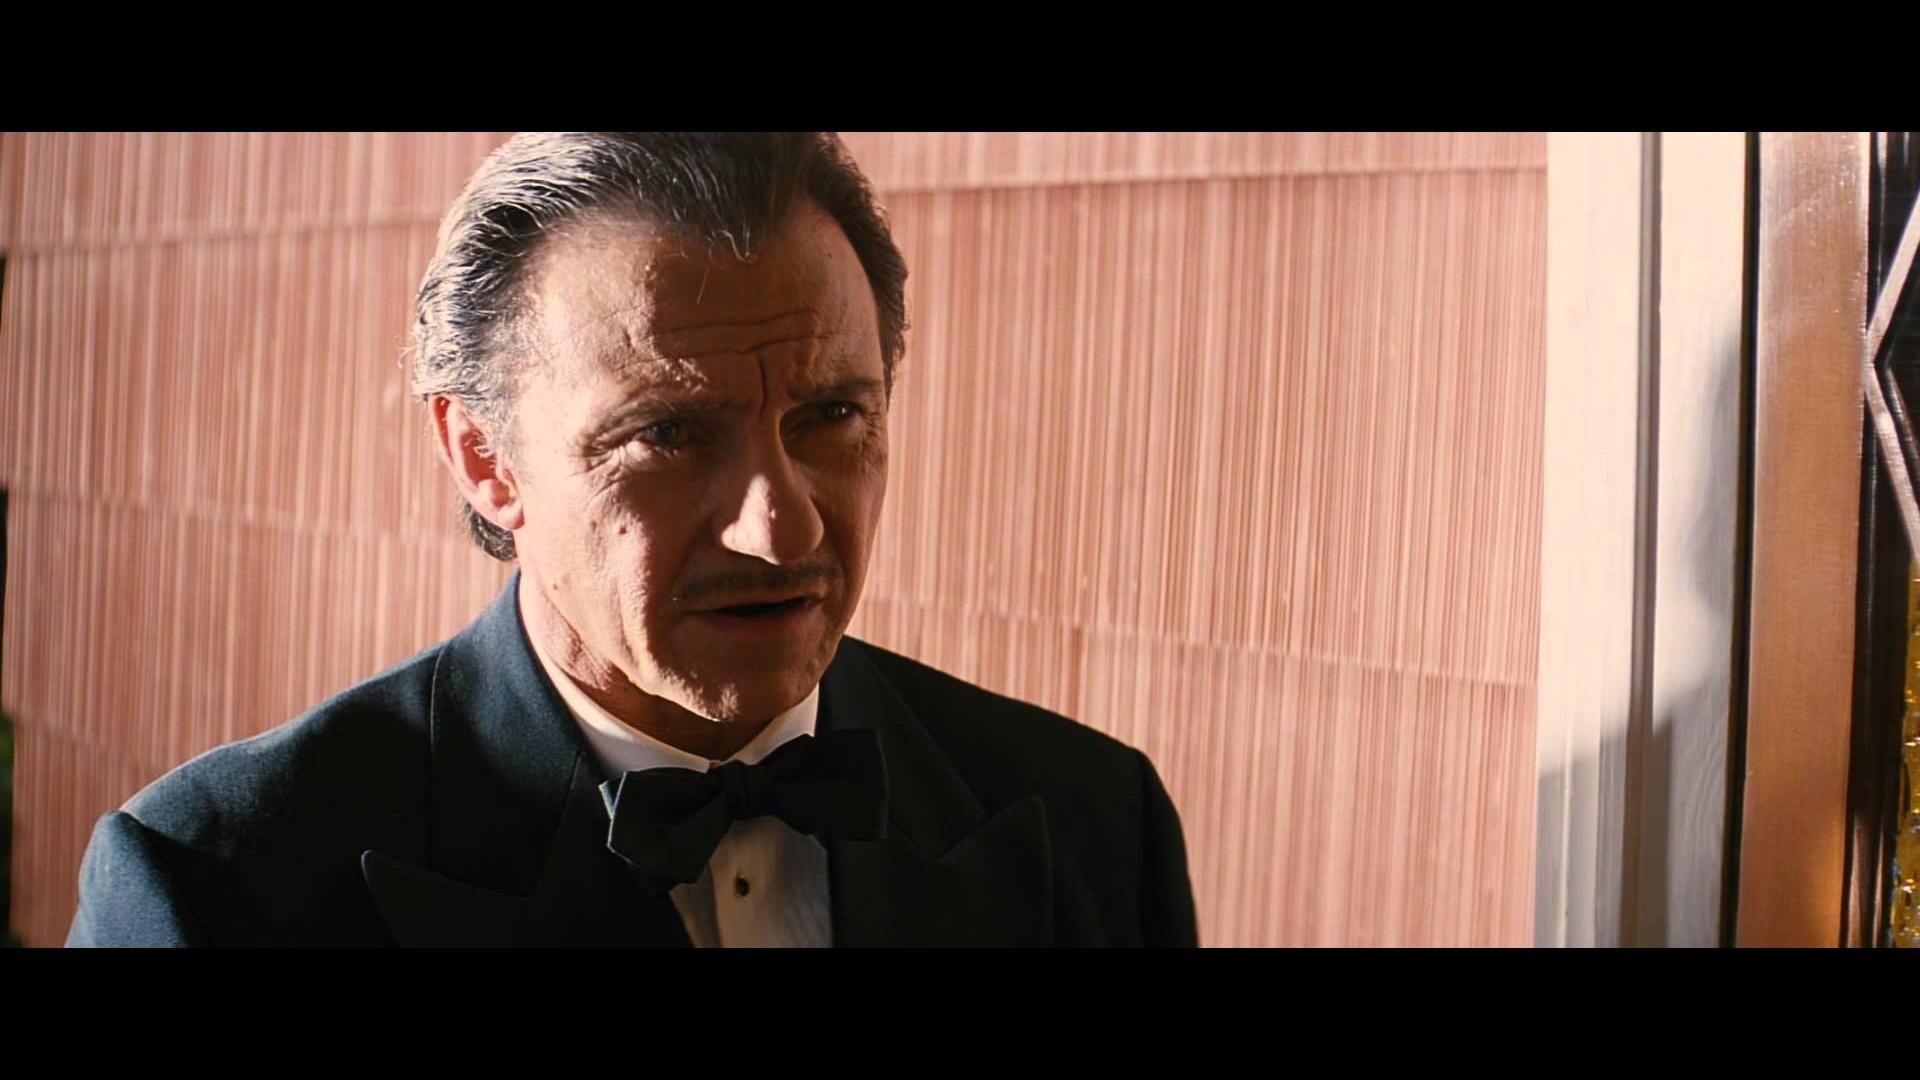 Se il presidente Mattarella cita Pulp Fiction: Mr. Wolf non basta a risolvere problemi